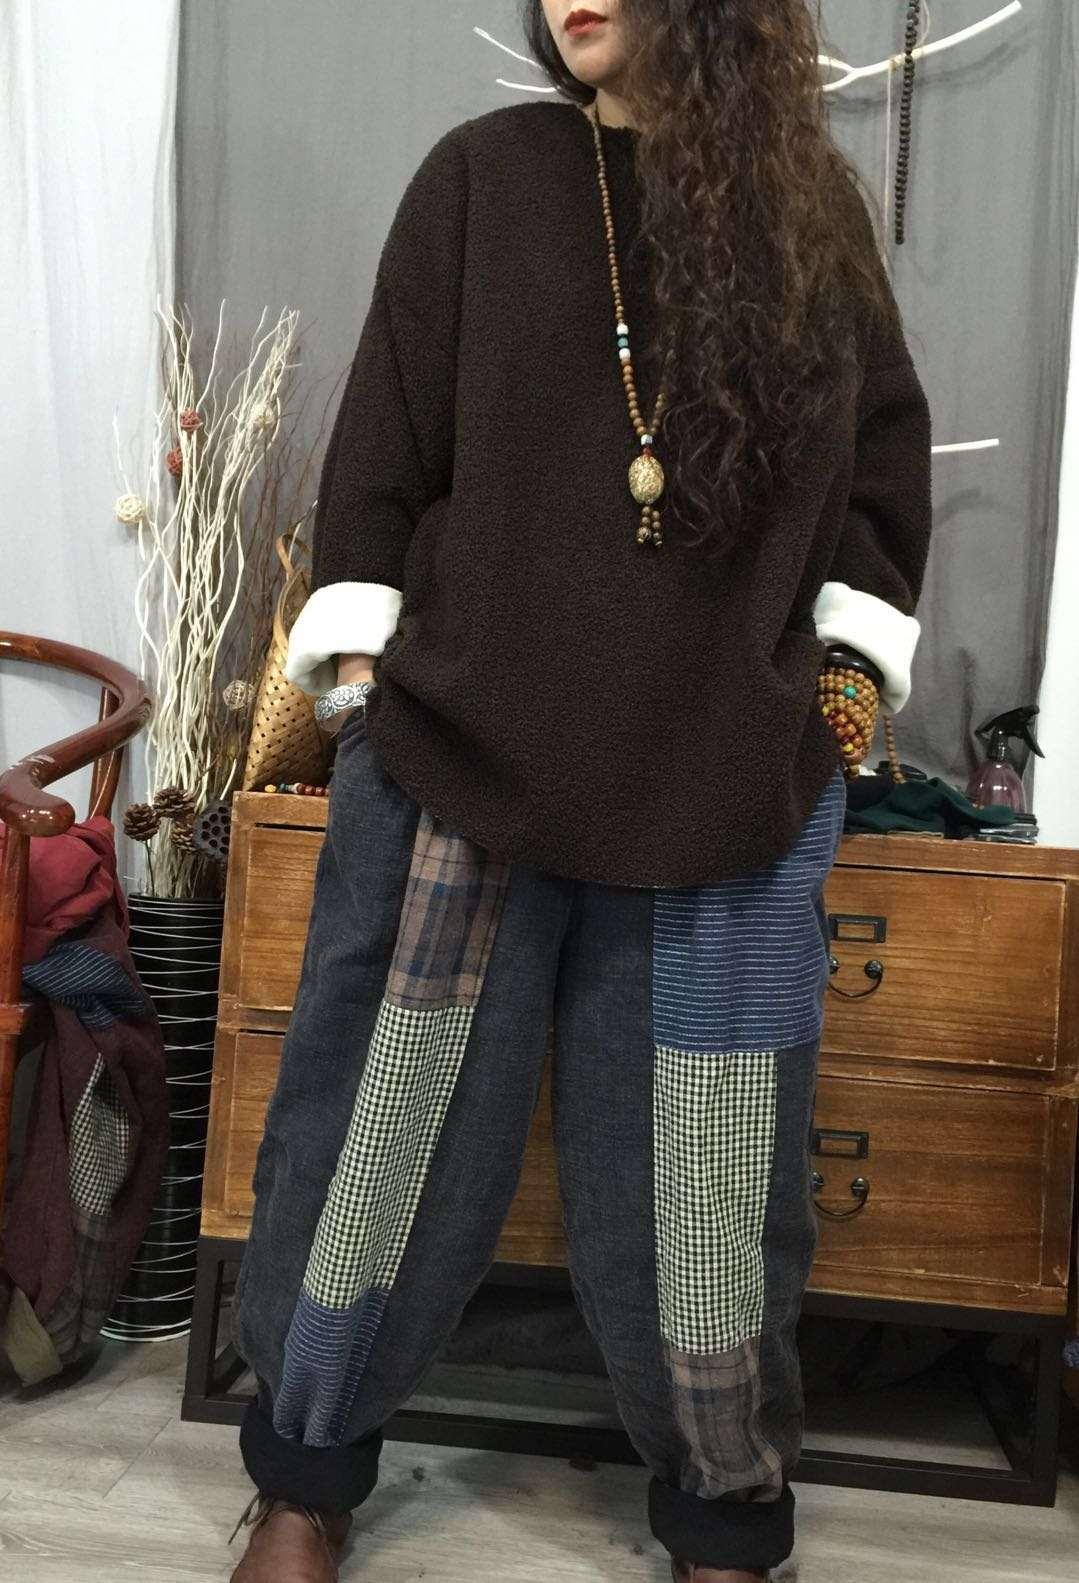 女士套头卫衣 上衣2020年冬季新品韩版羊羔毛加厚加绒宽松大码套头卫衣女士_推荐淘宝好看的女士套头卫衣